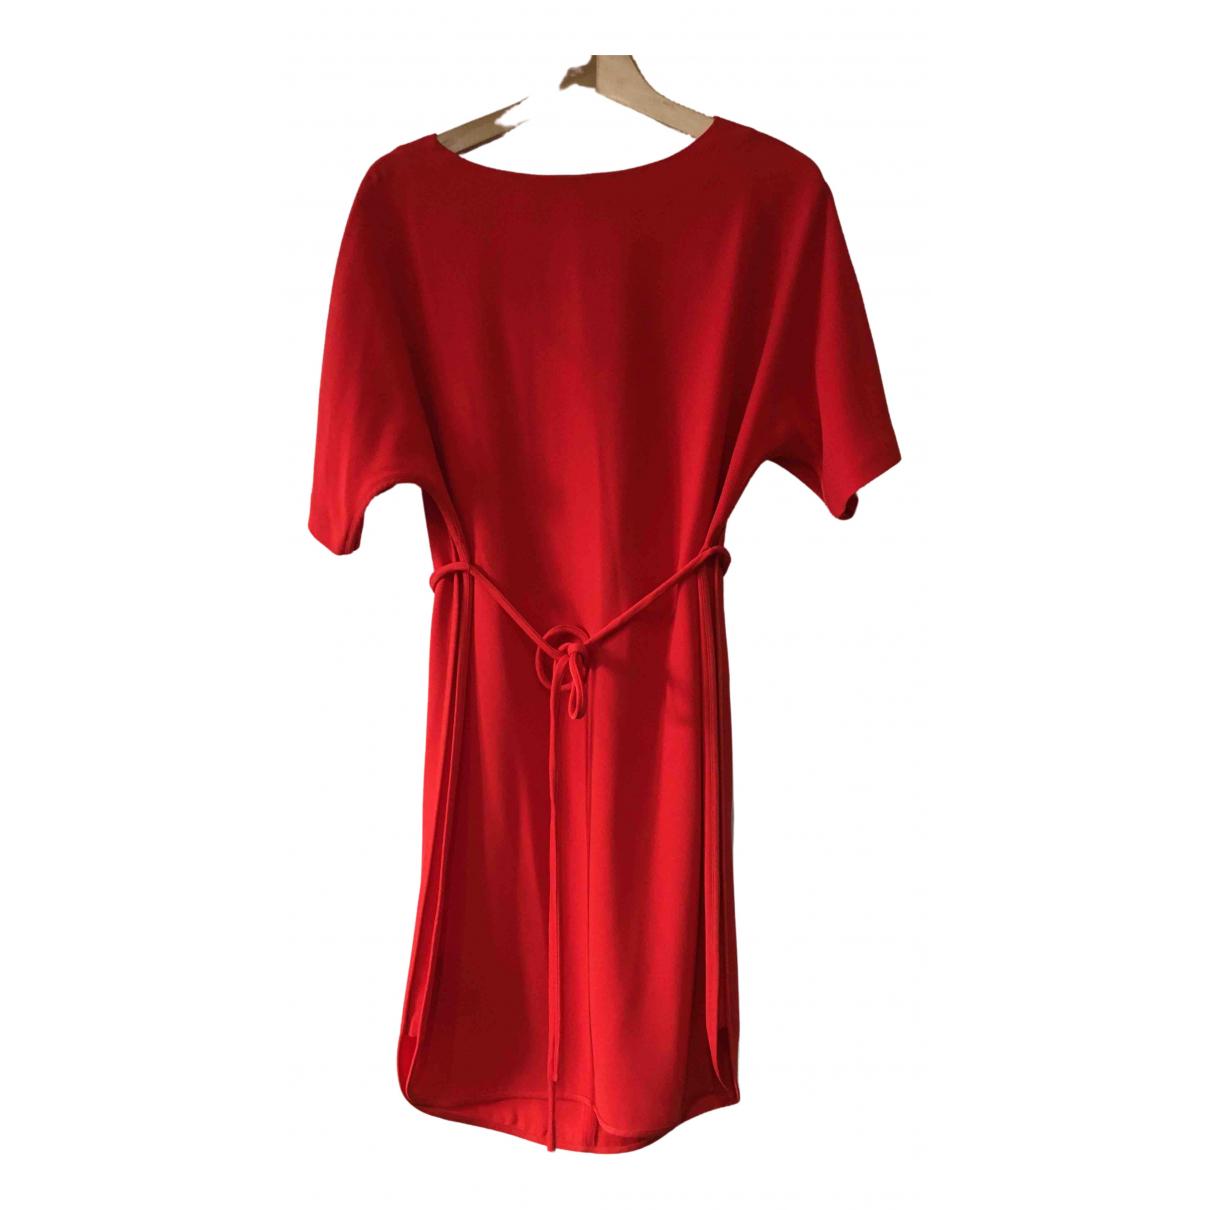 Gerard Darel \N Kleid in  Rot Polyester